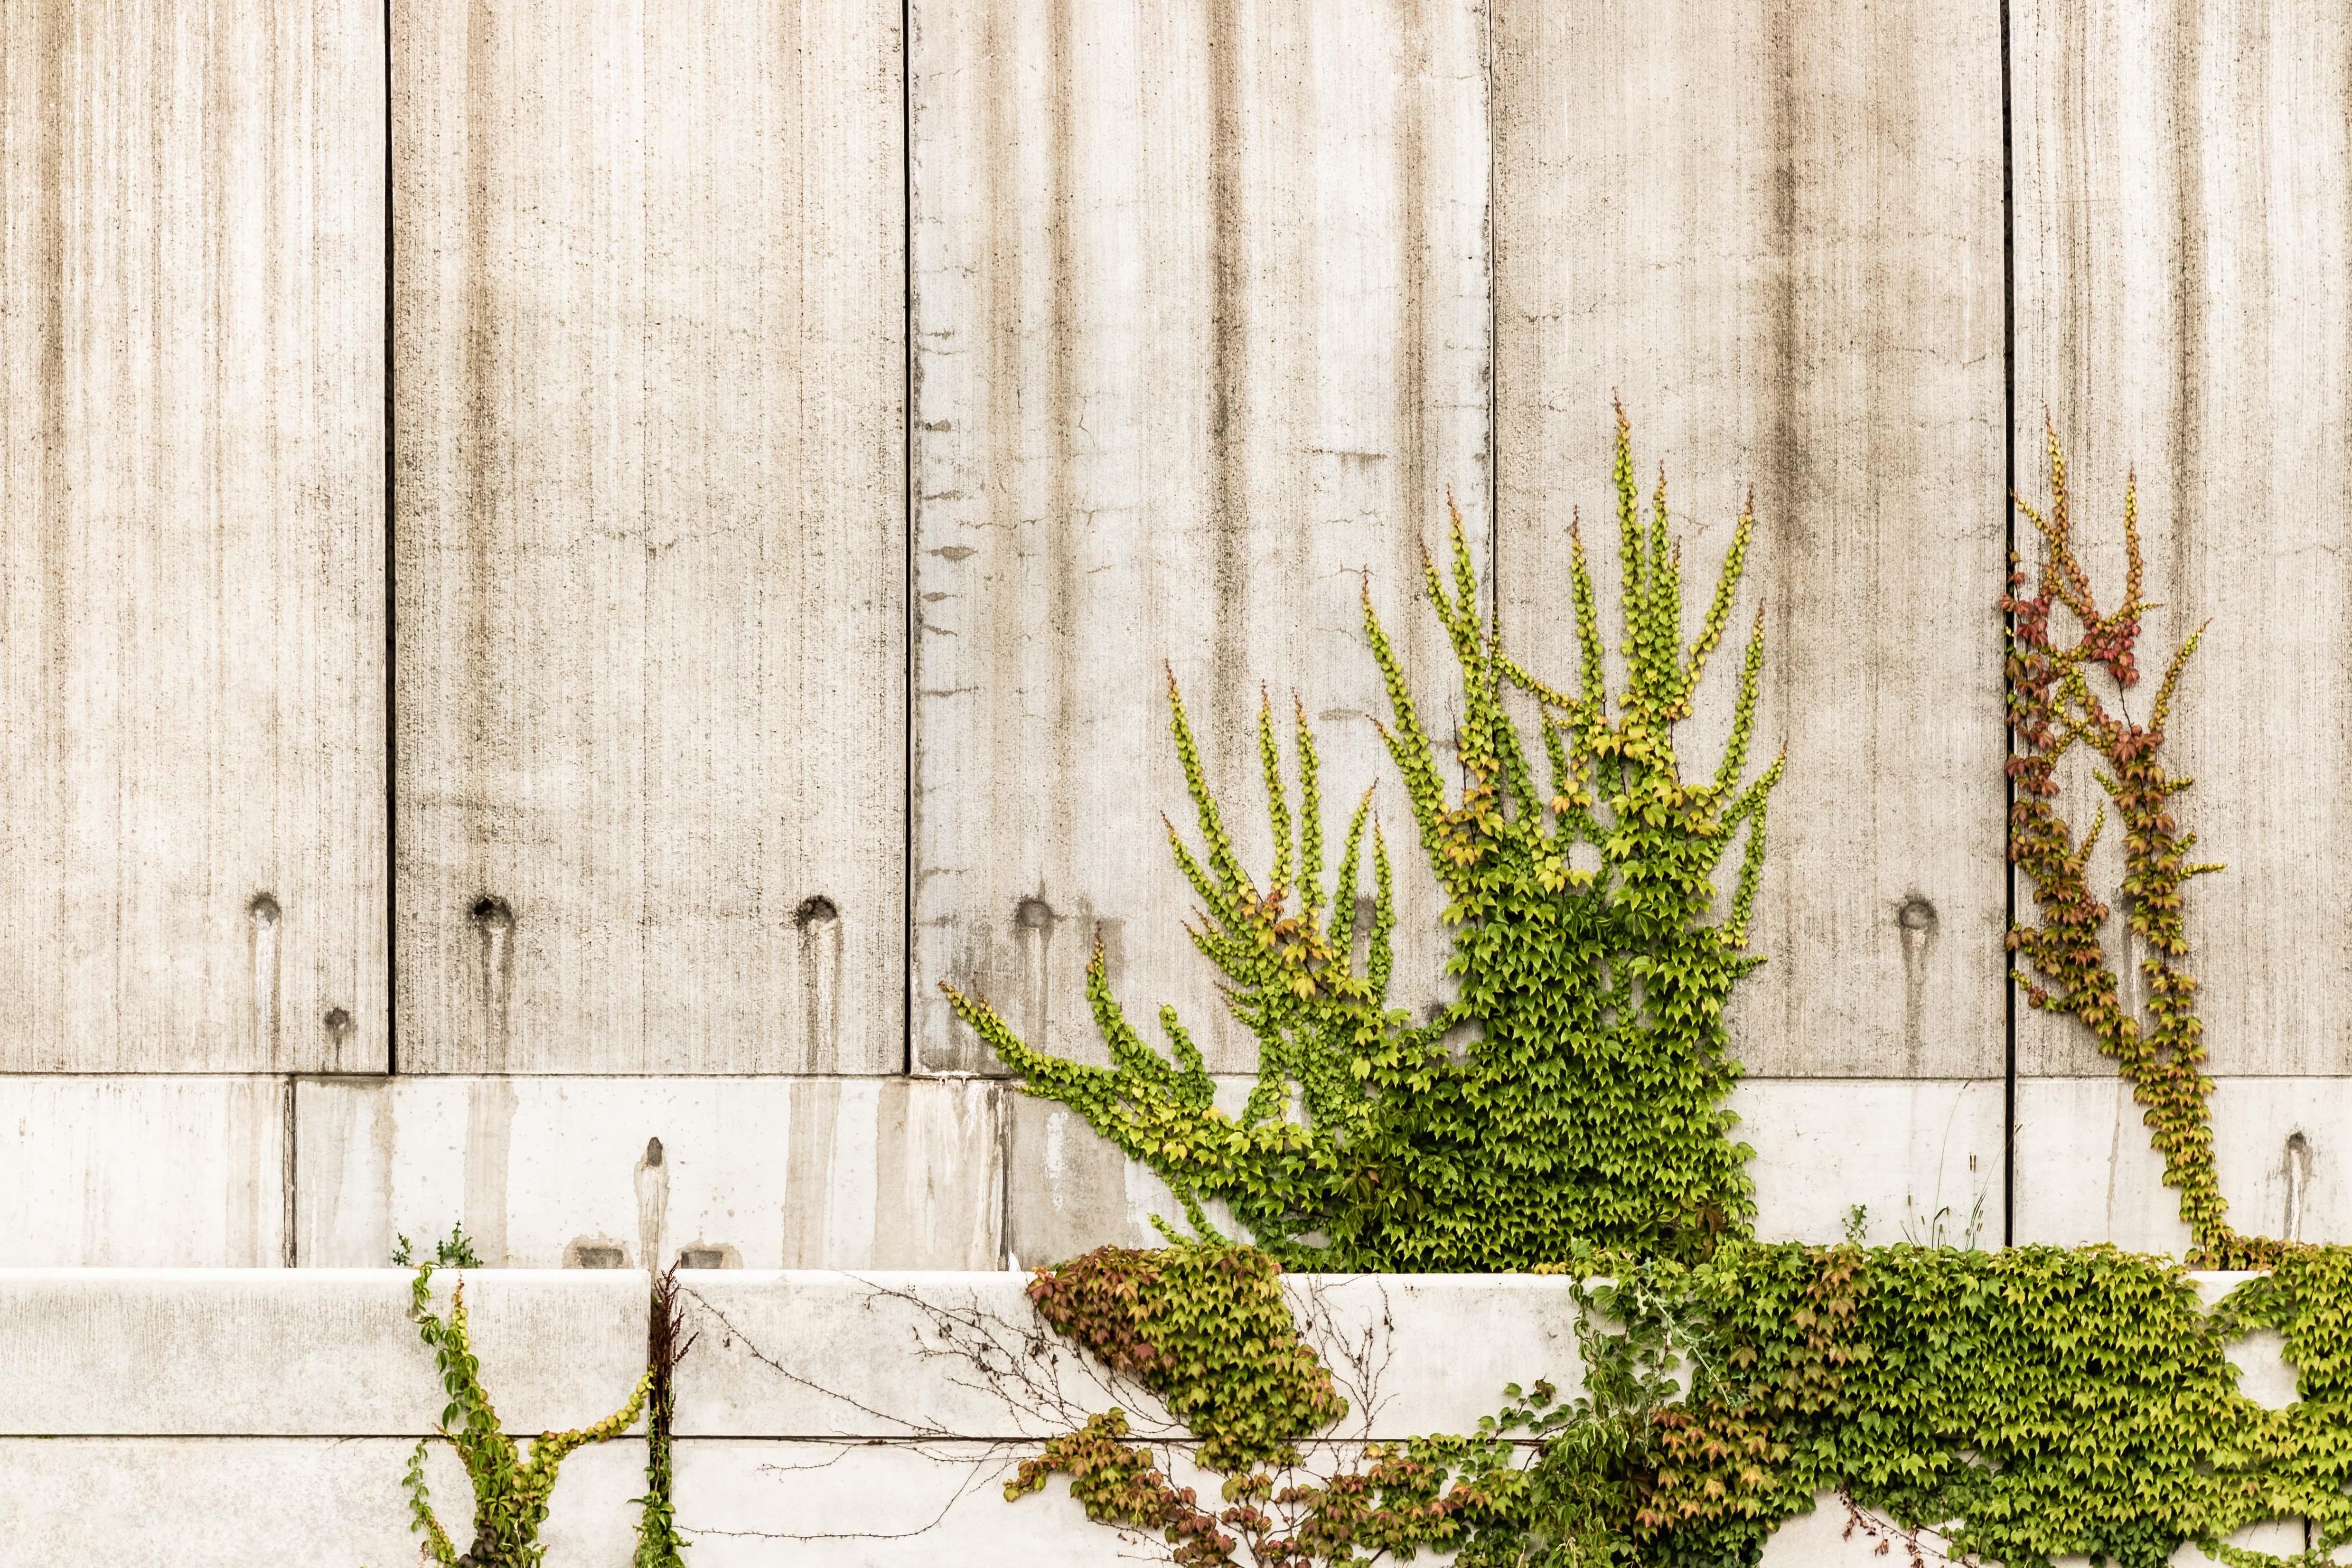 green leafed plant near wall